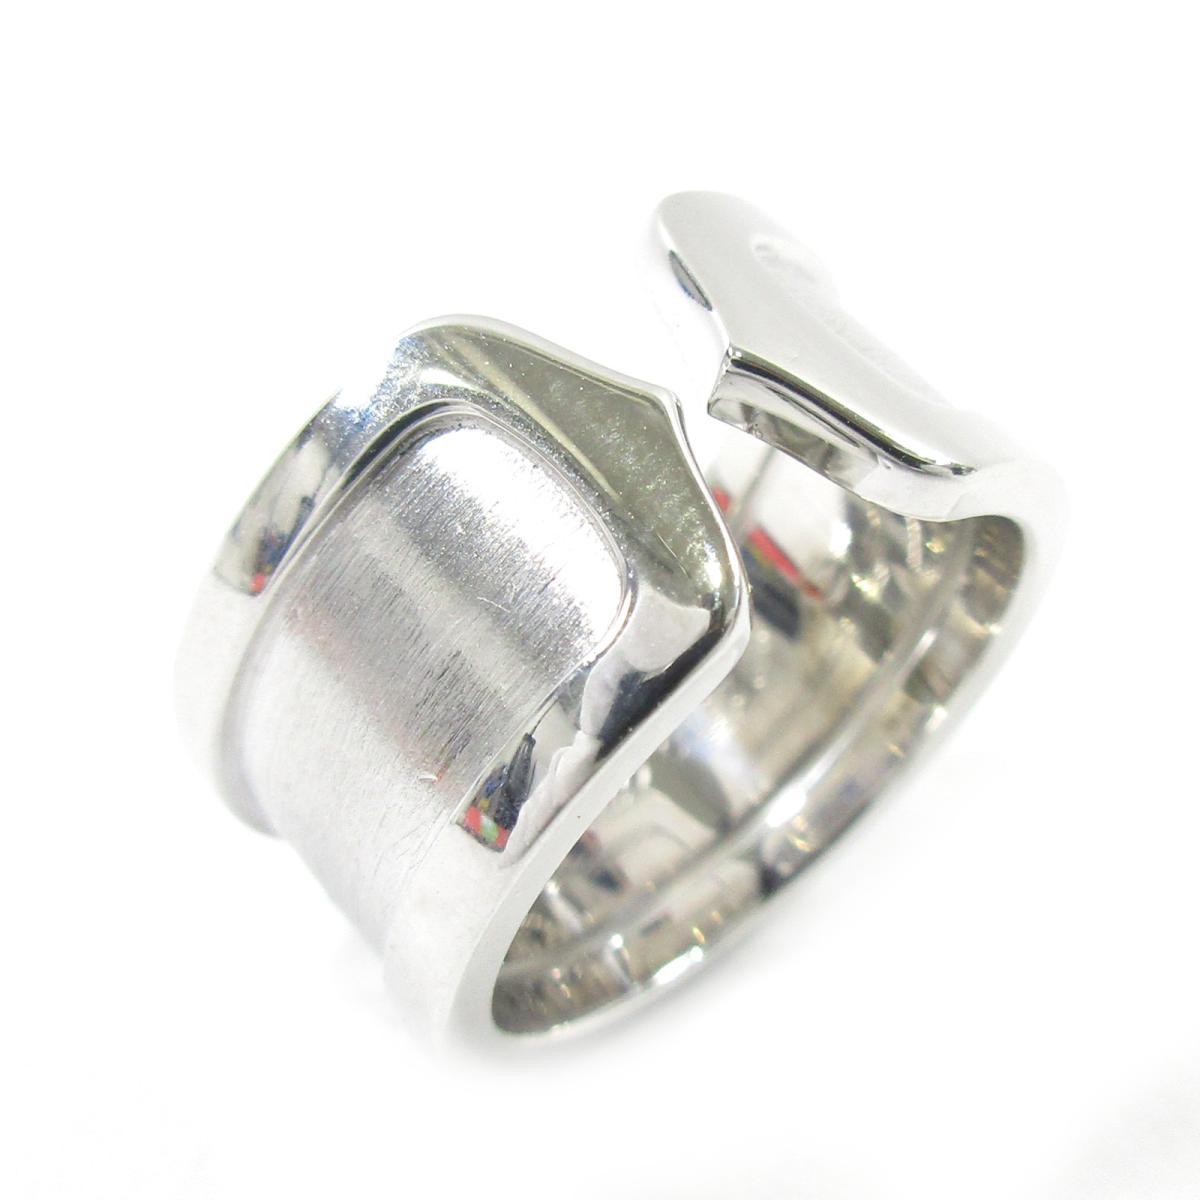 カルティエ C2 リング LM 指輪 ブランドジュエリー レディース K18WG (750) ホワイトゴールド シルバー 【中古】 | Cartier BRANDOFF ブランドオフ ブランド ジュエリー アクセサリー